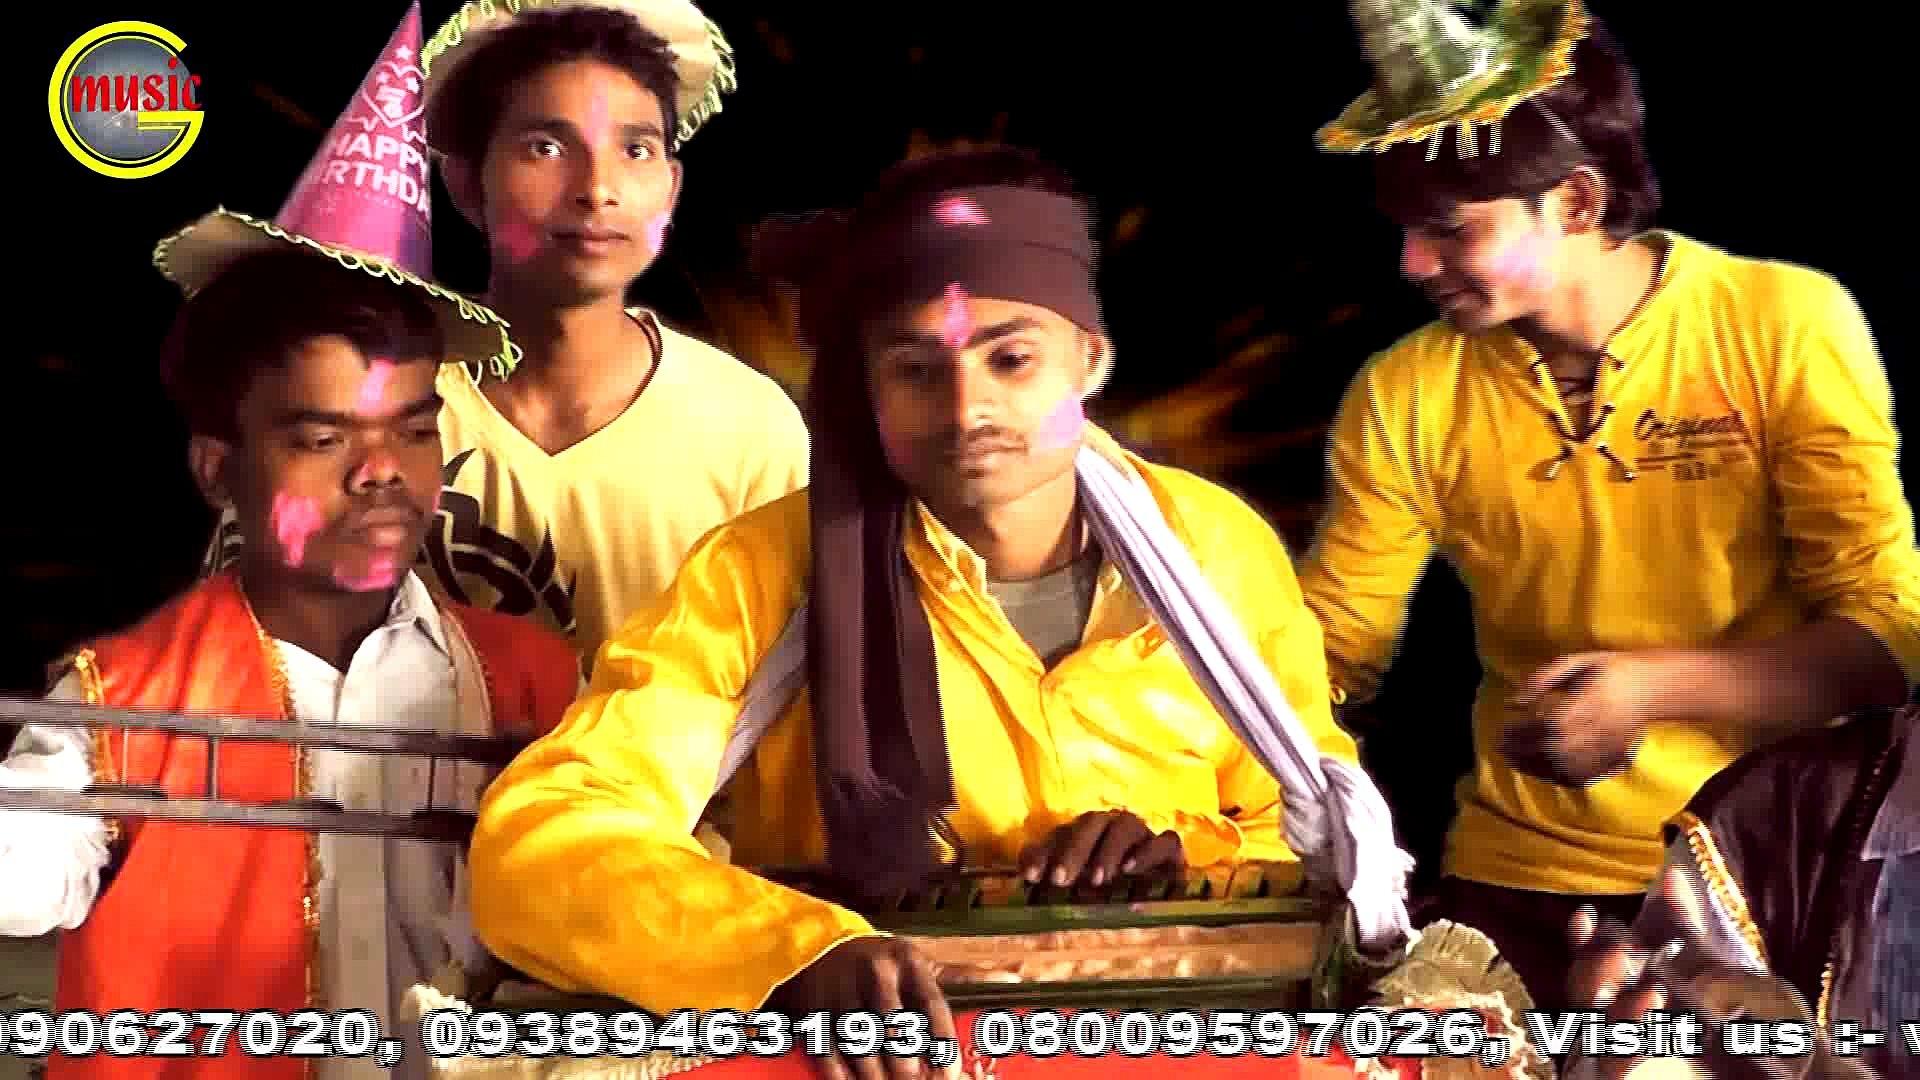 Dhanya dharti ke lal m mulayamDabang Faguwa 2016   Jai Ganesh Music Films   Holigeet-2016 Shain ji &